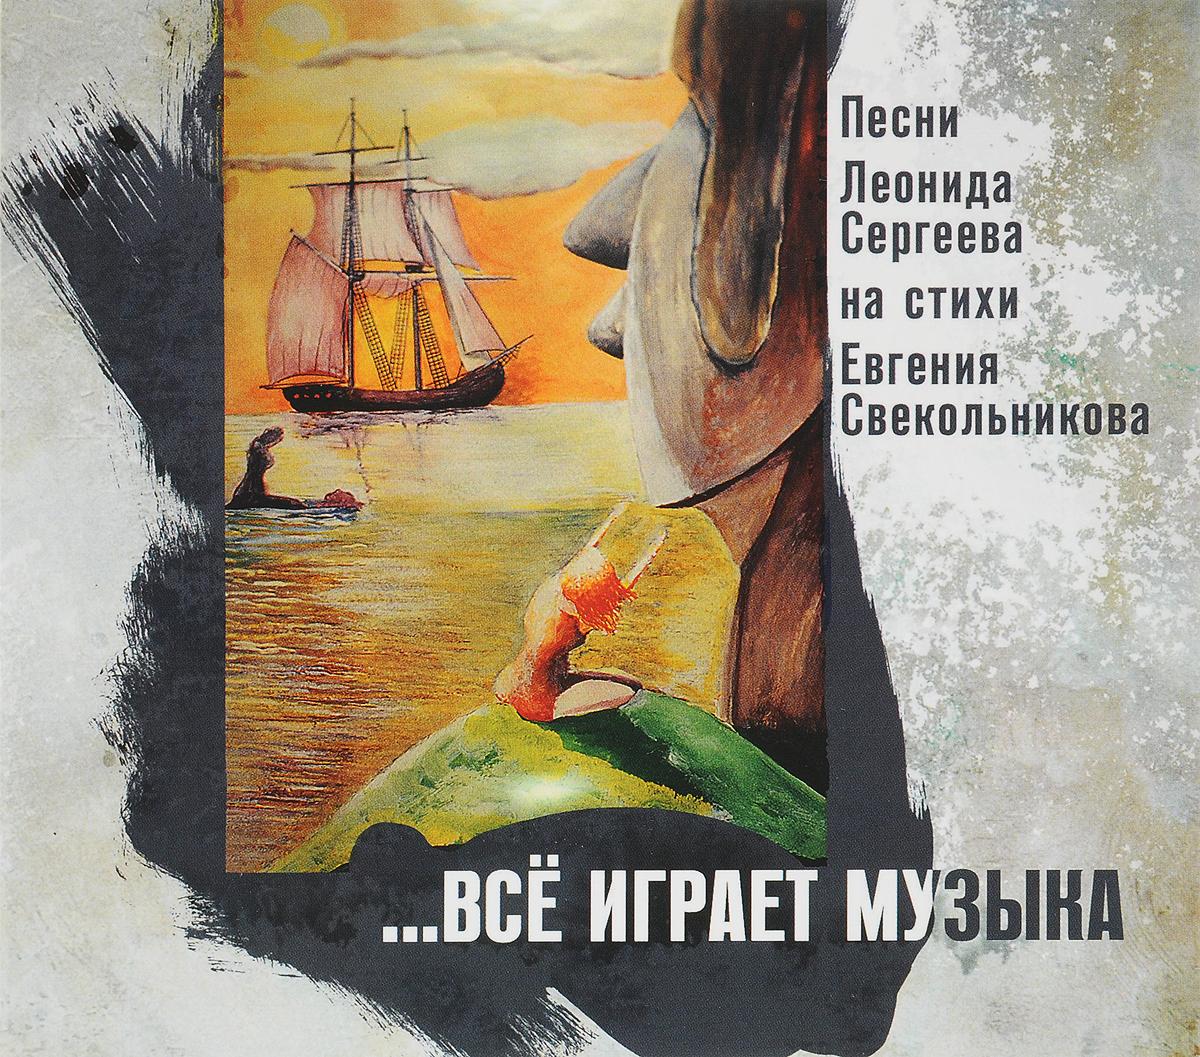 Леонид Сергеев. Все играет музыка